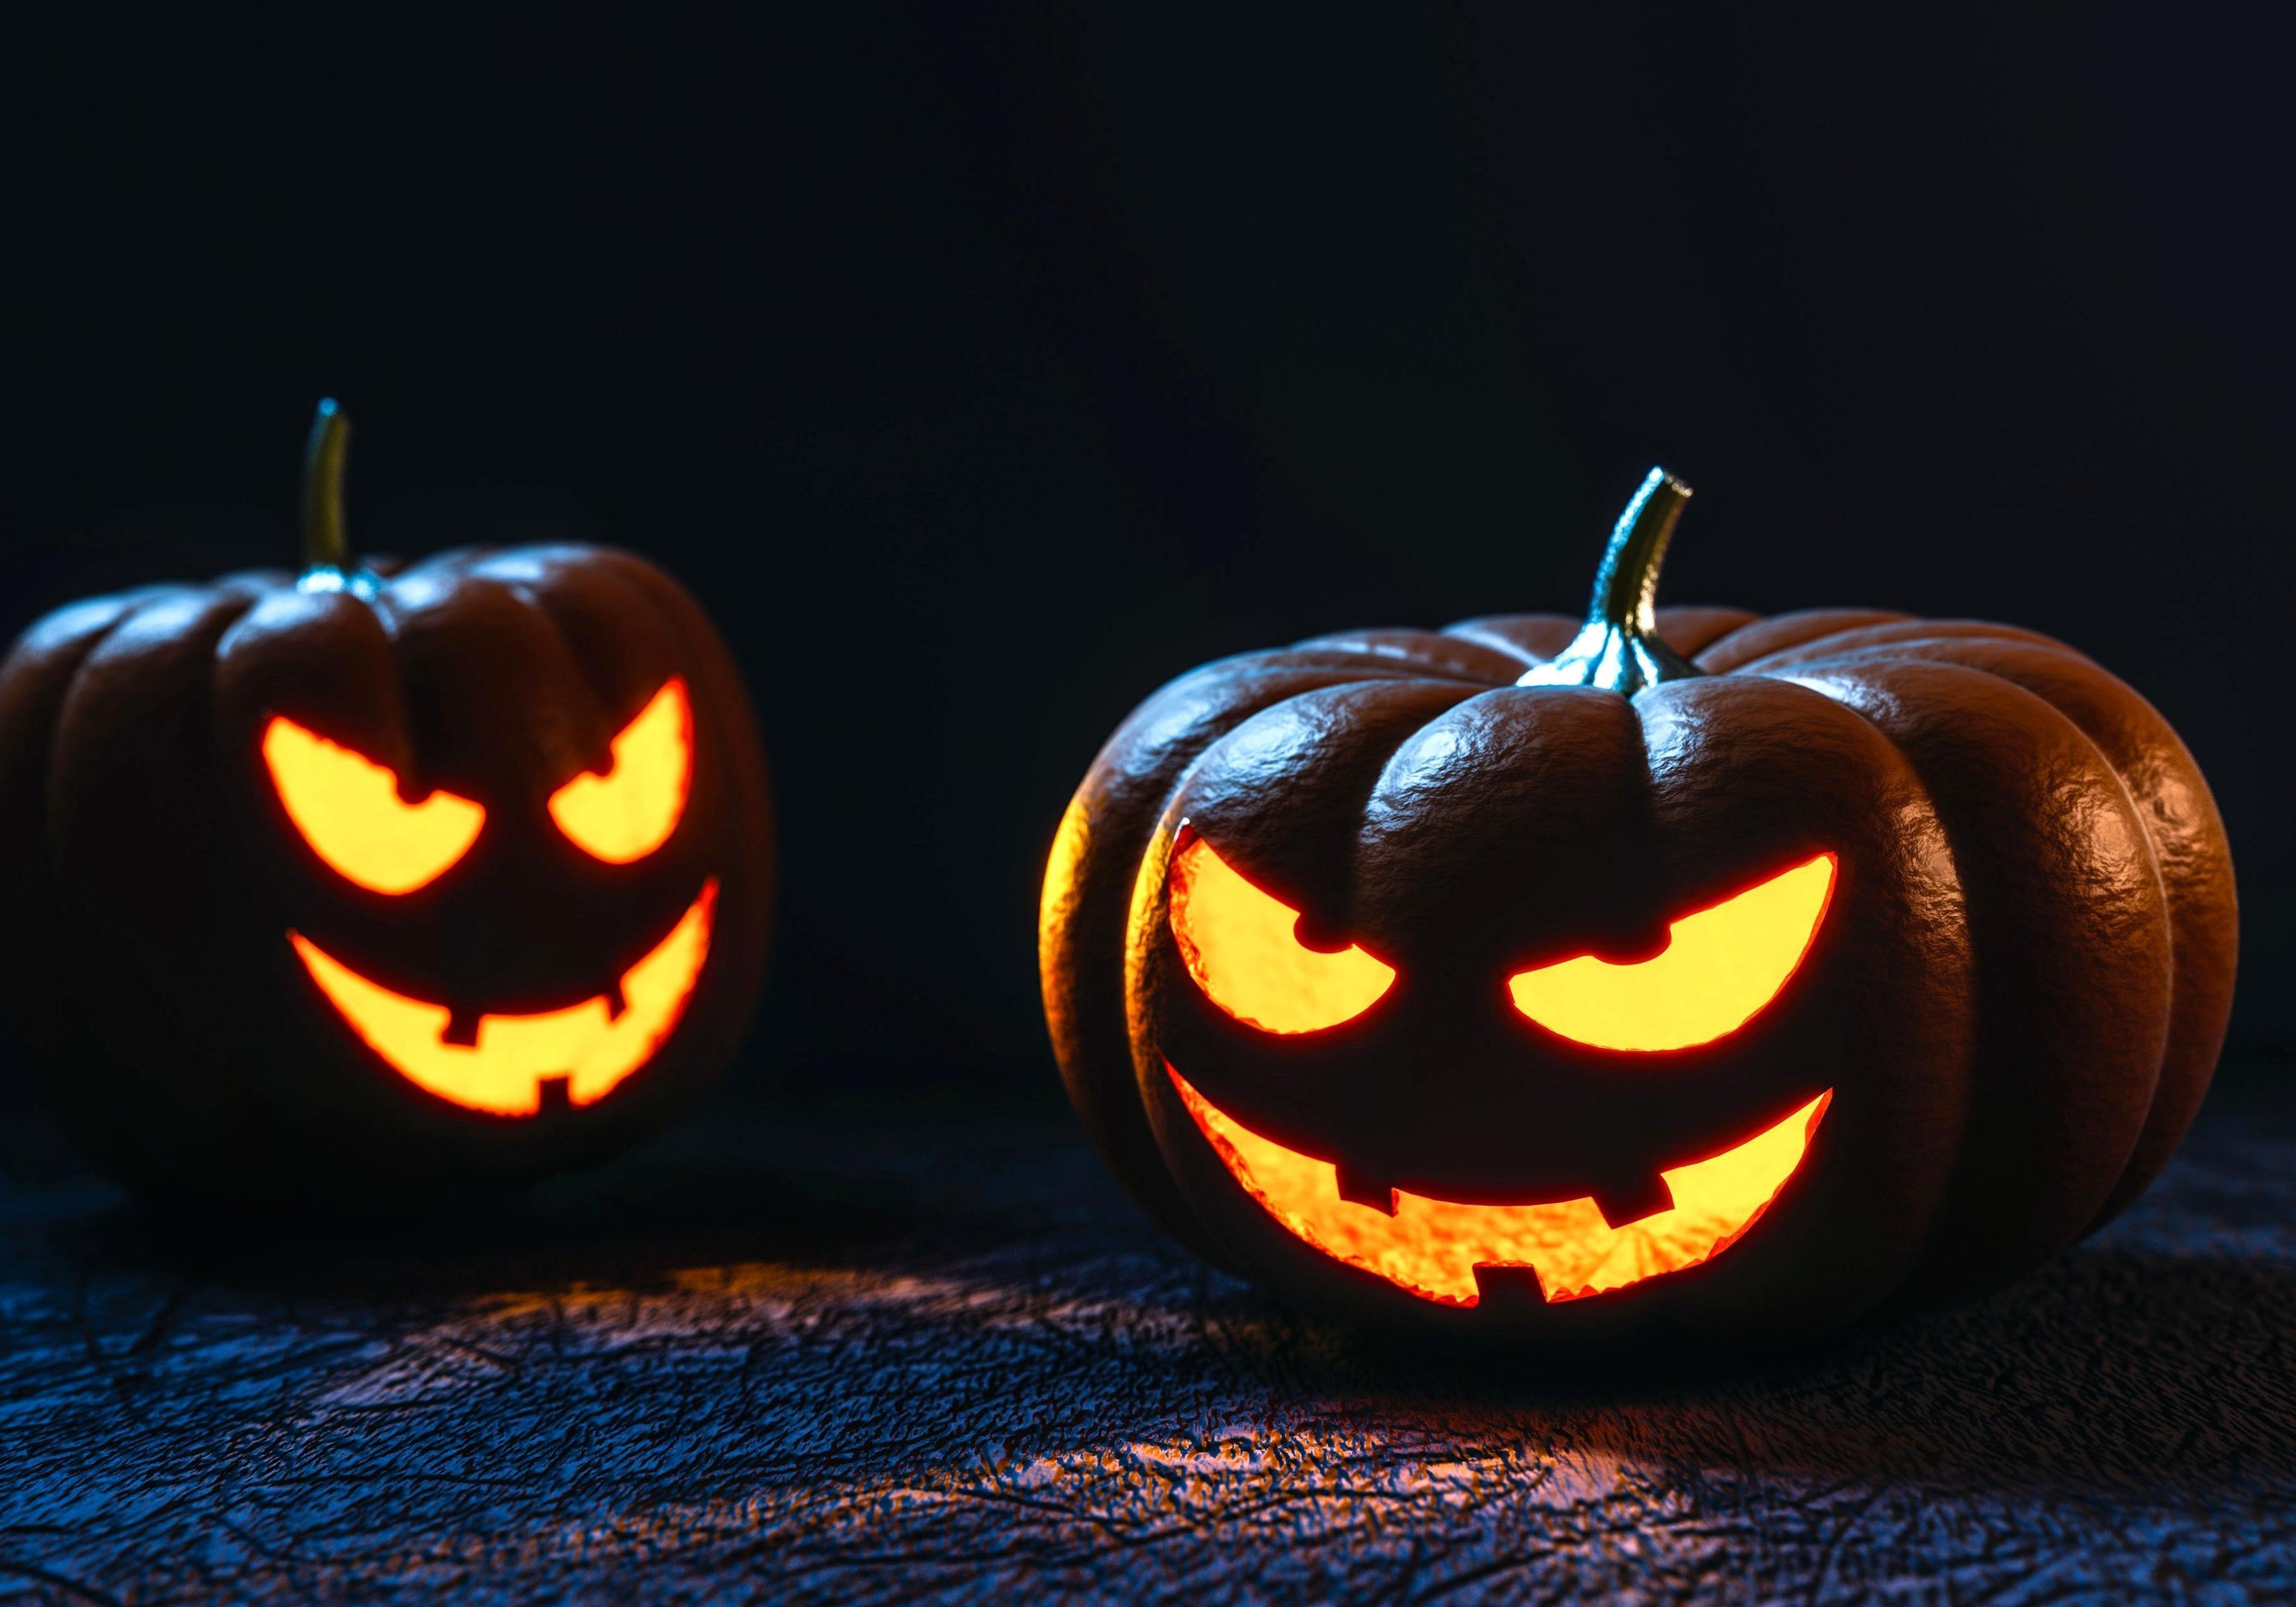 mejores apps de Halloween